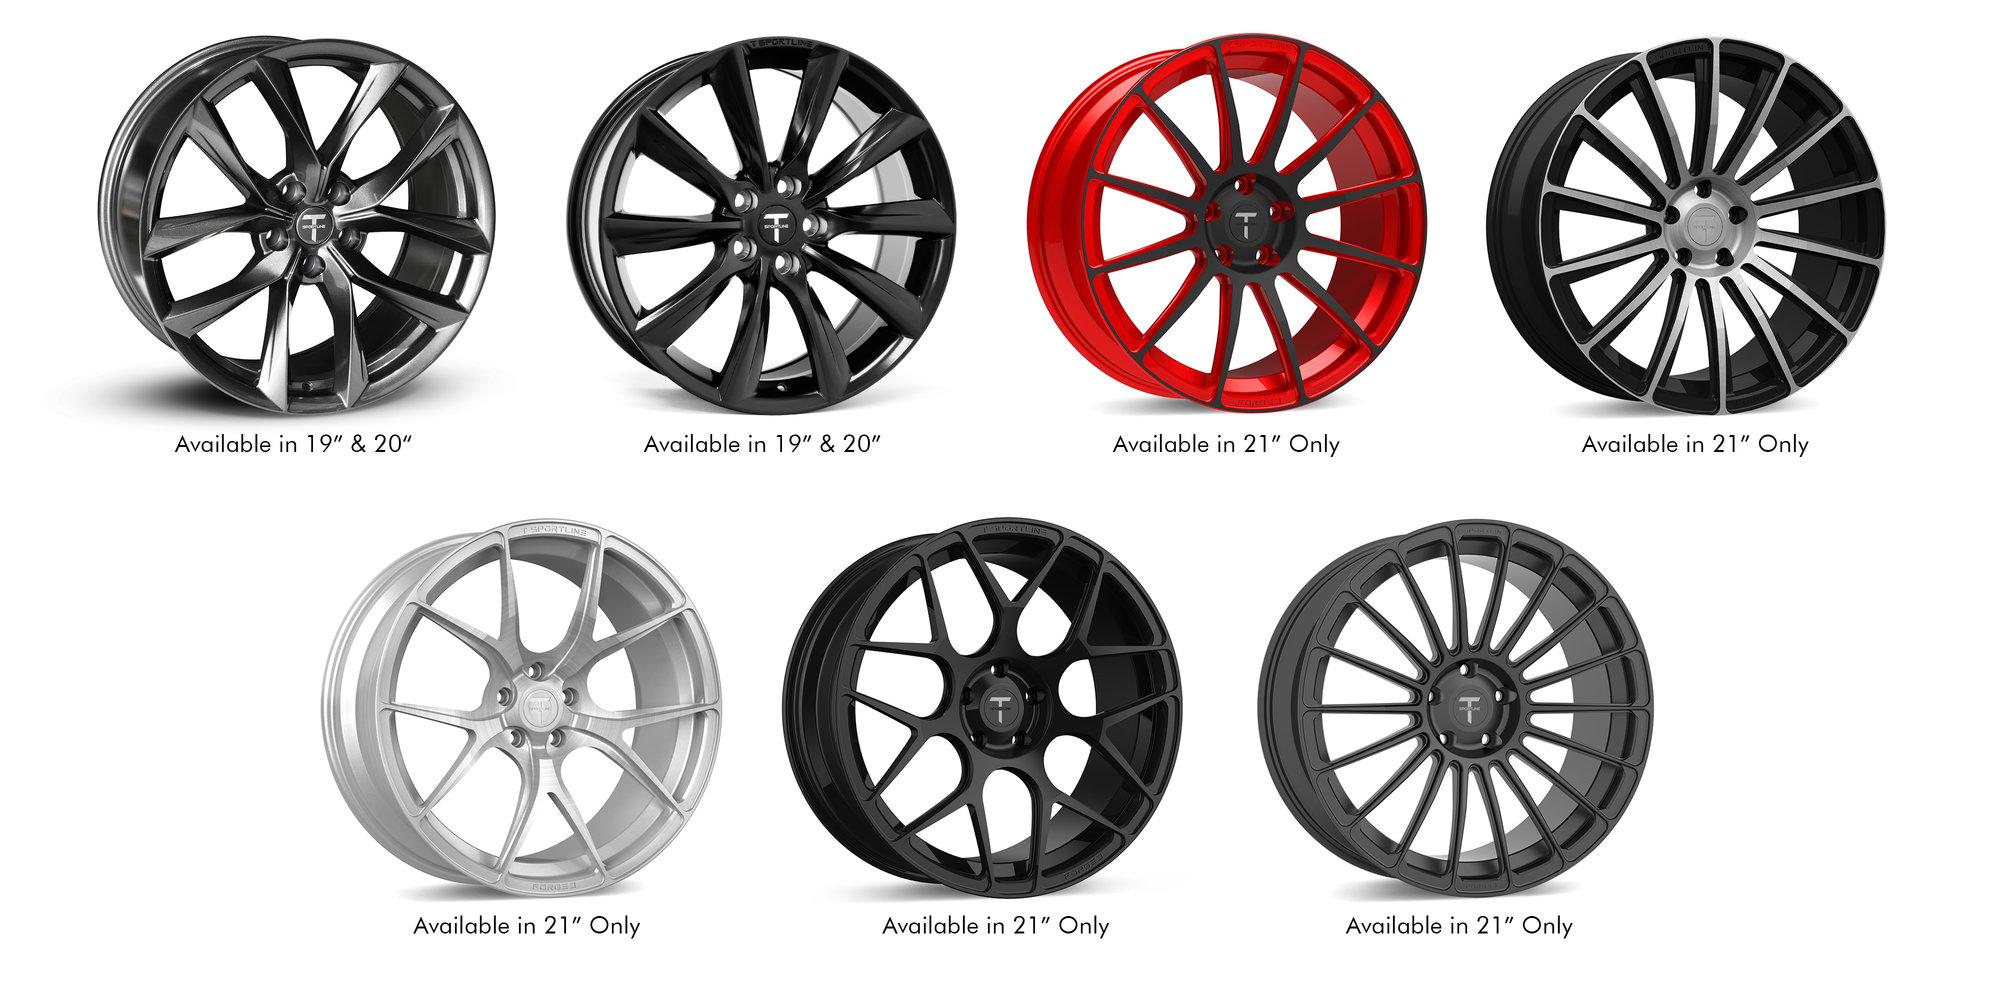 tesla-model-s-aftermarket-wheels-flow-forged-wheels-one-sheet.jpg